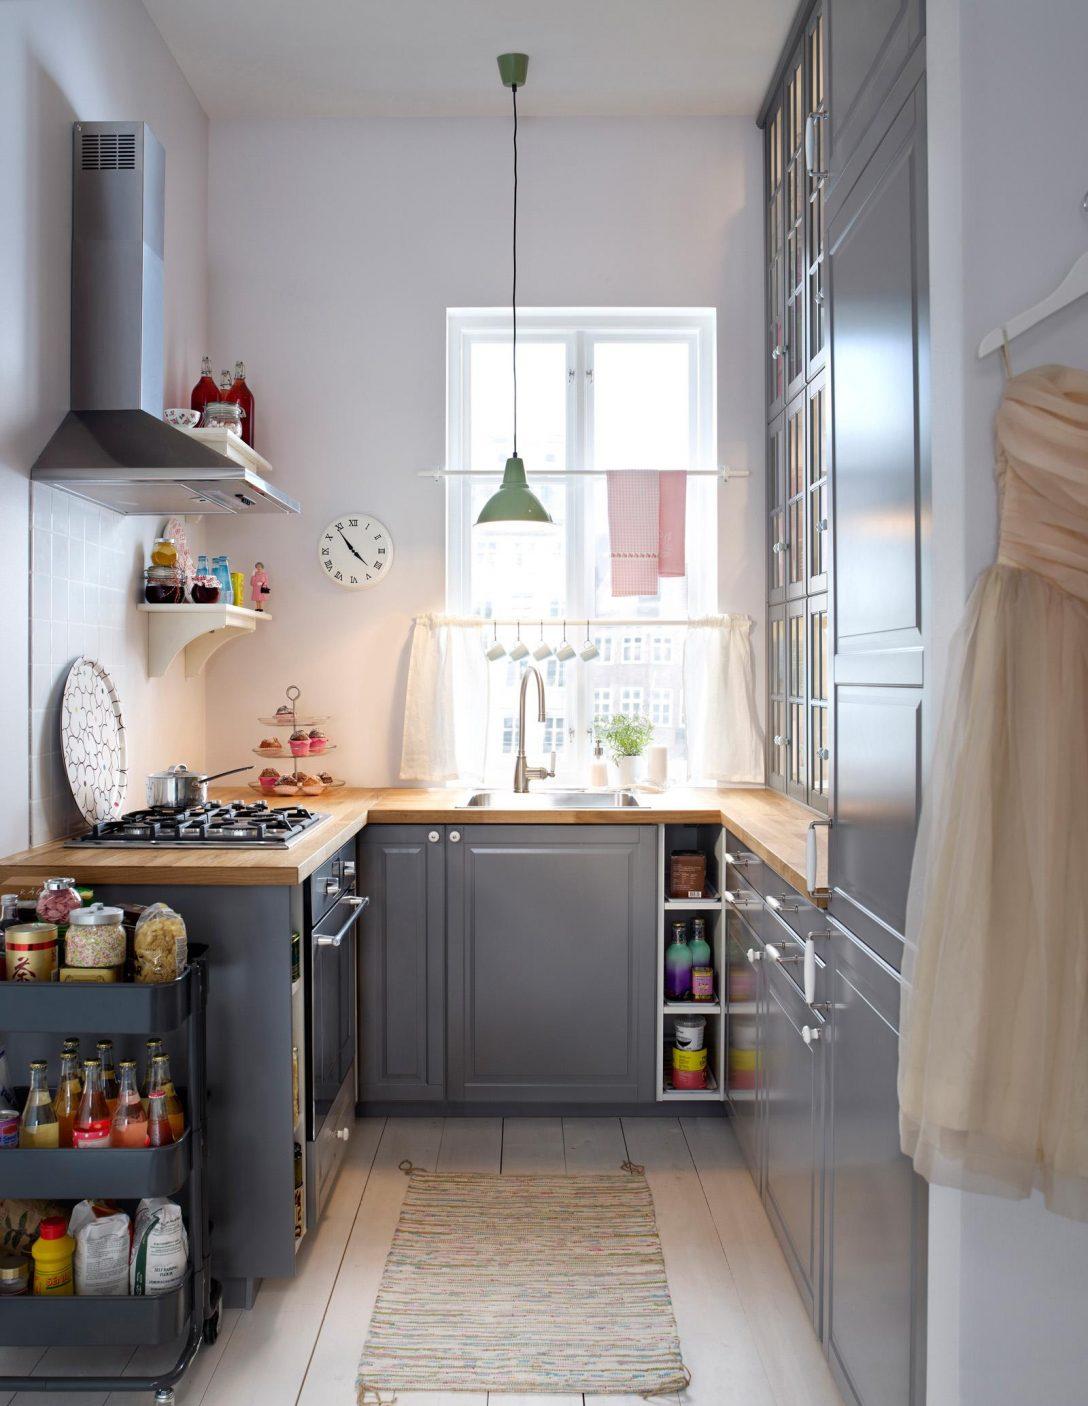 Large Size of Ikea Singleküche Miniküche Sofa Mit Schlaffunktion Kühlschrank Betten Bei Modulküche 160x200 Küche Kaufen Kosten E Geräten Wohnzimmer Ikea Singleküche